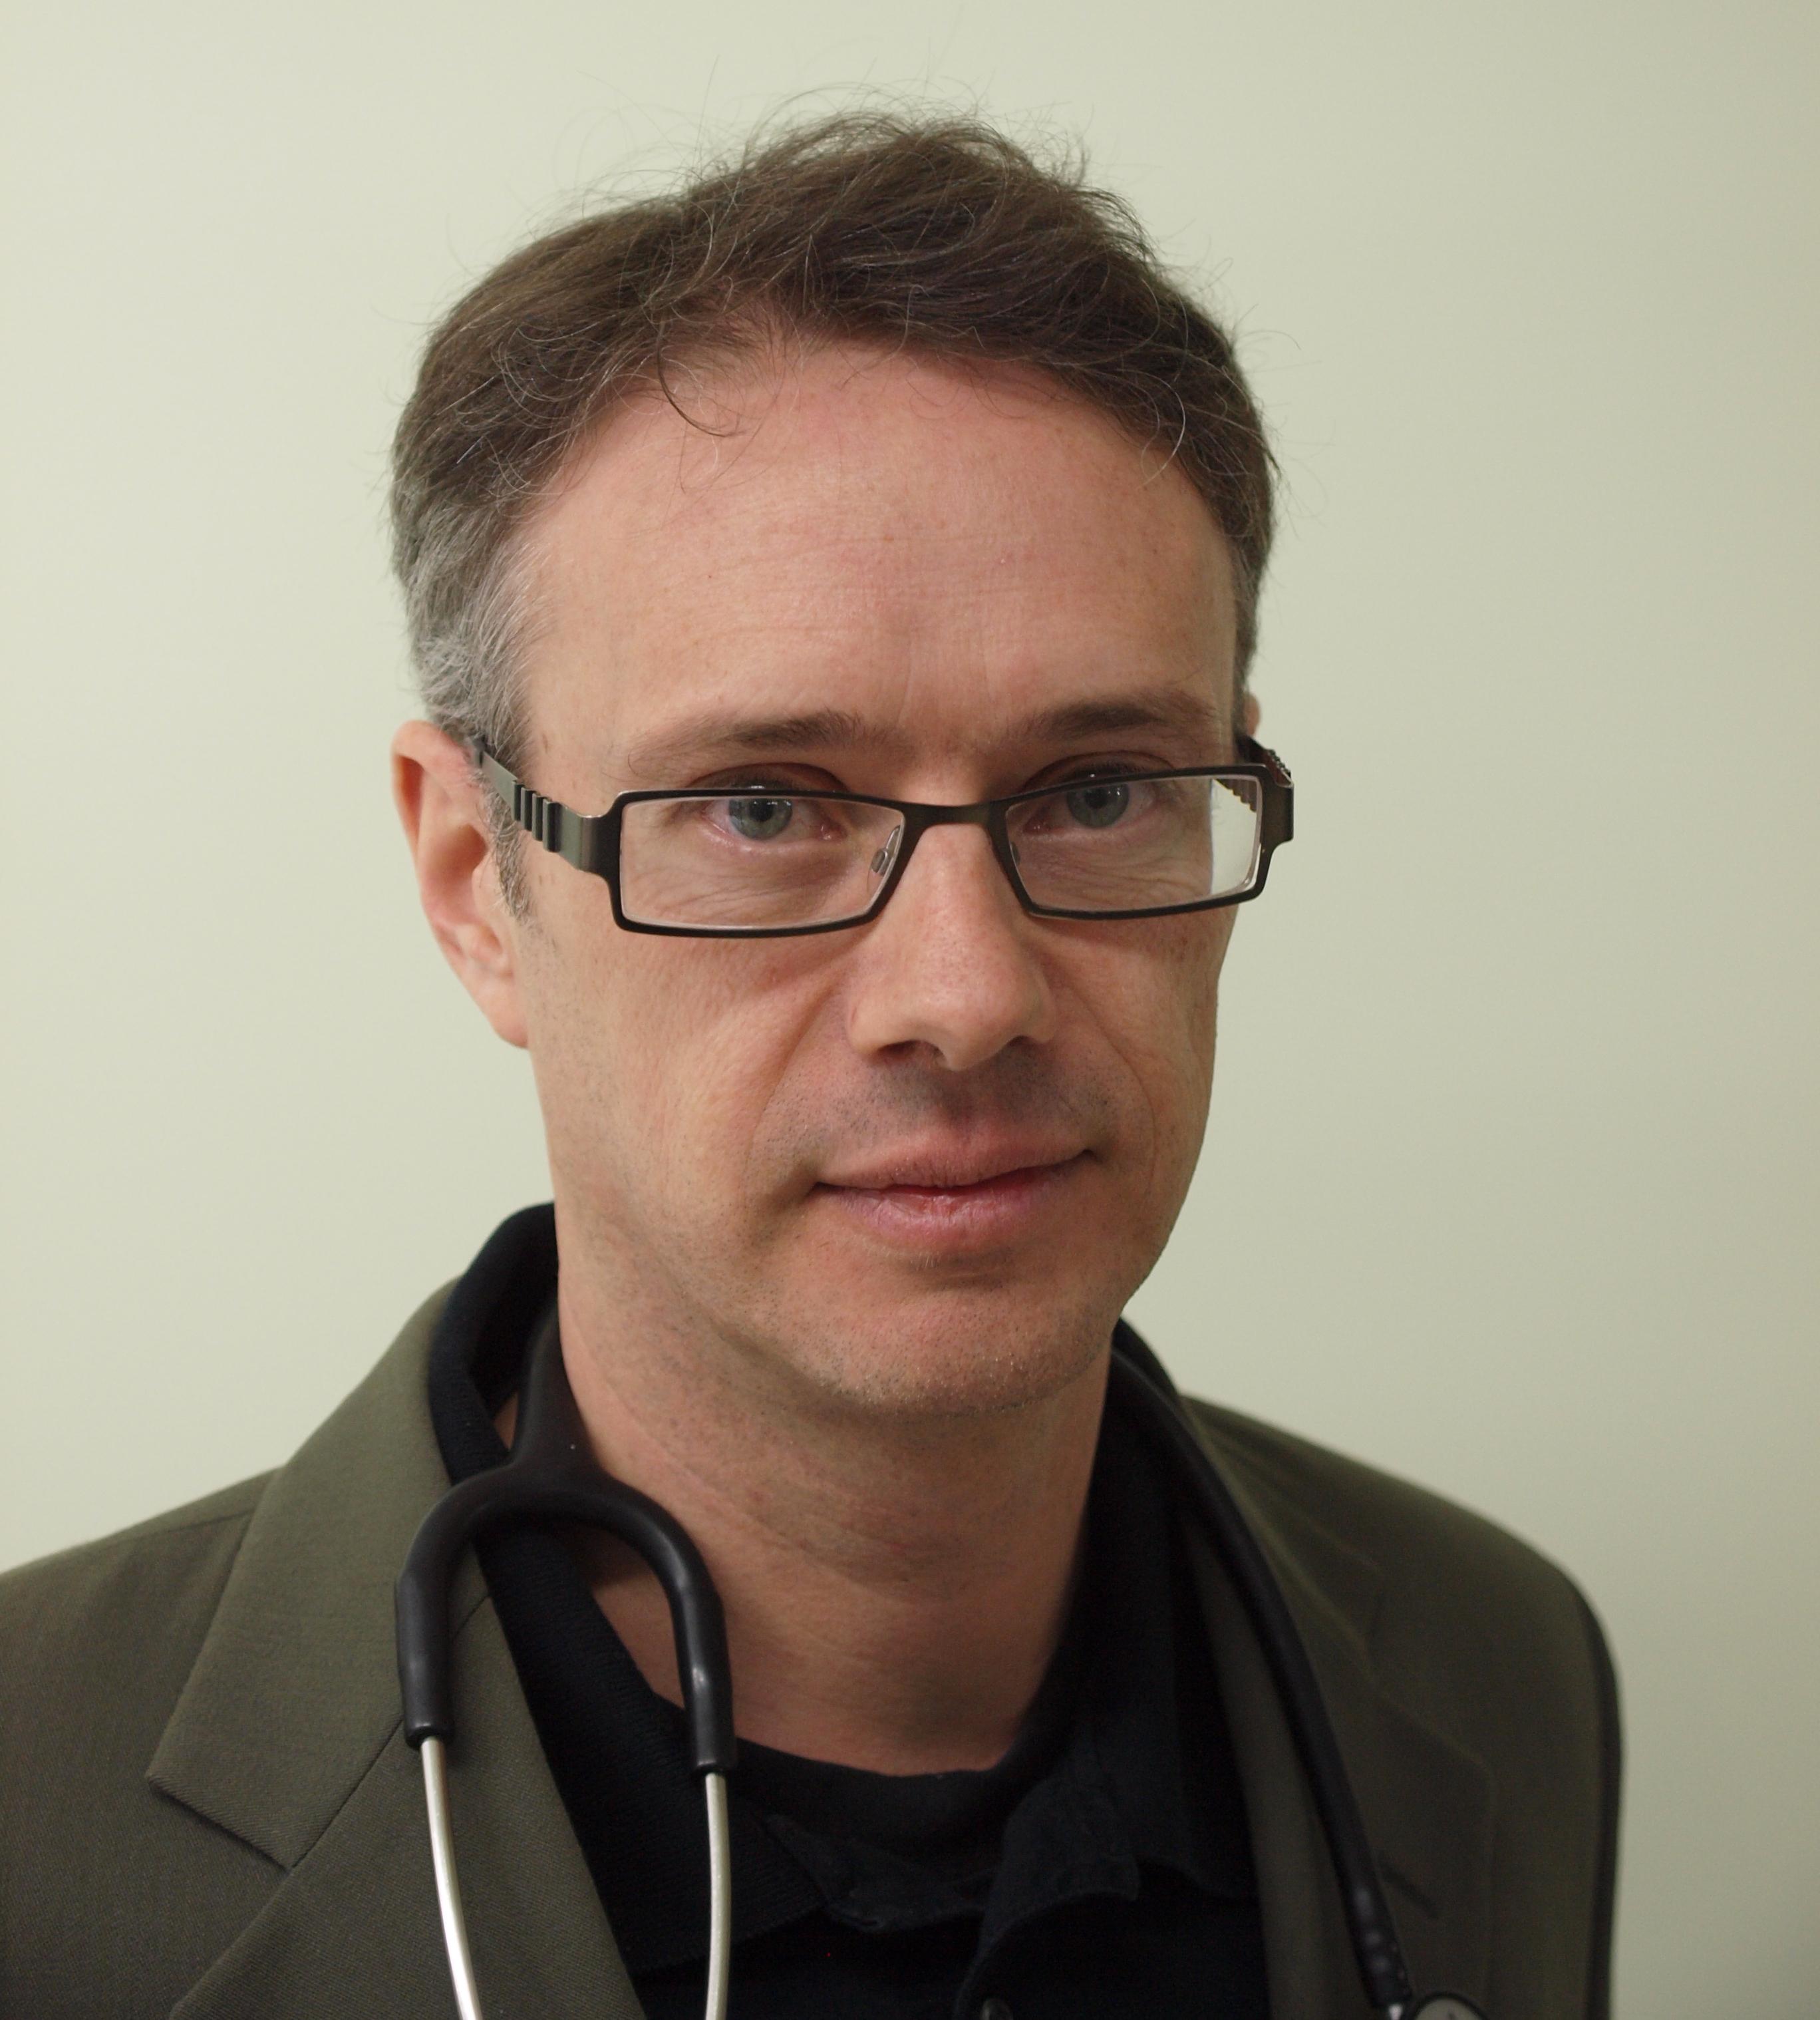 Headshot of Dr. Terry Vanderheyden